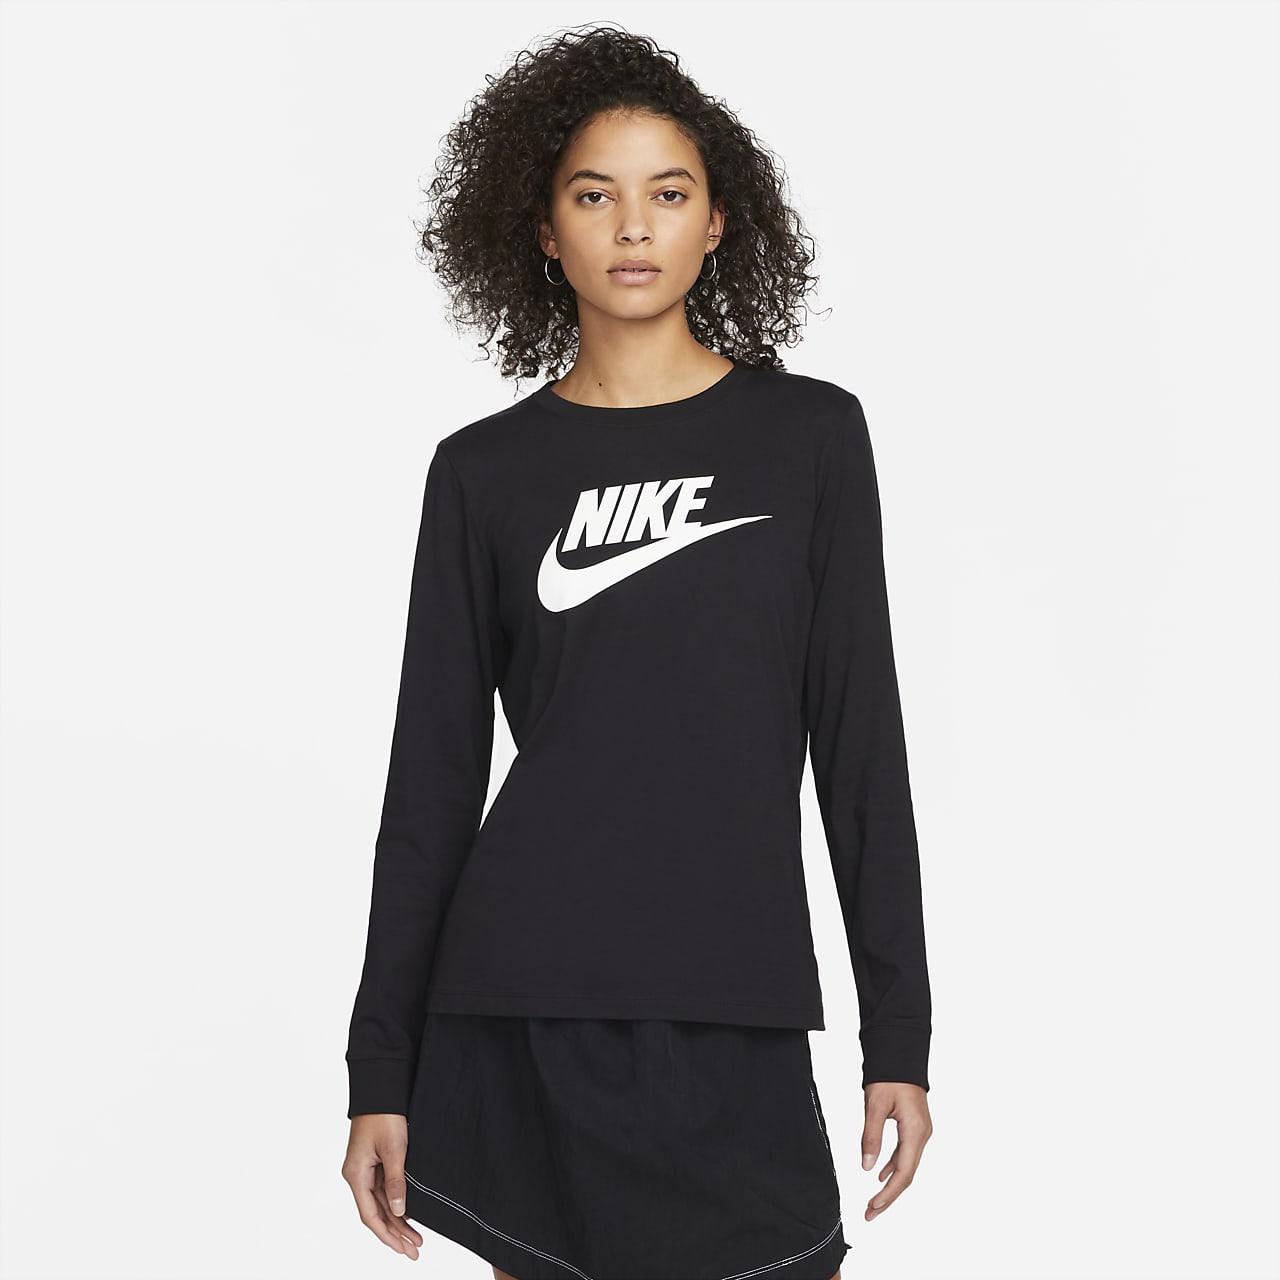 Nike Sportswear Women's Long Sleeve T Shirt